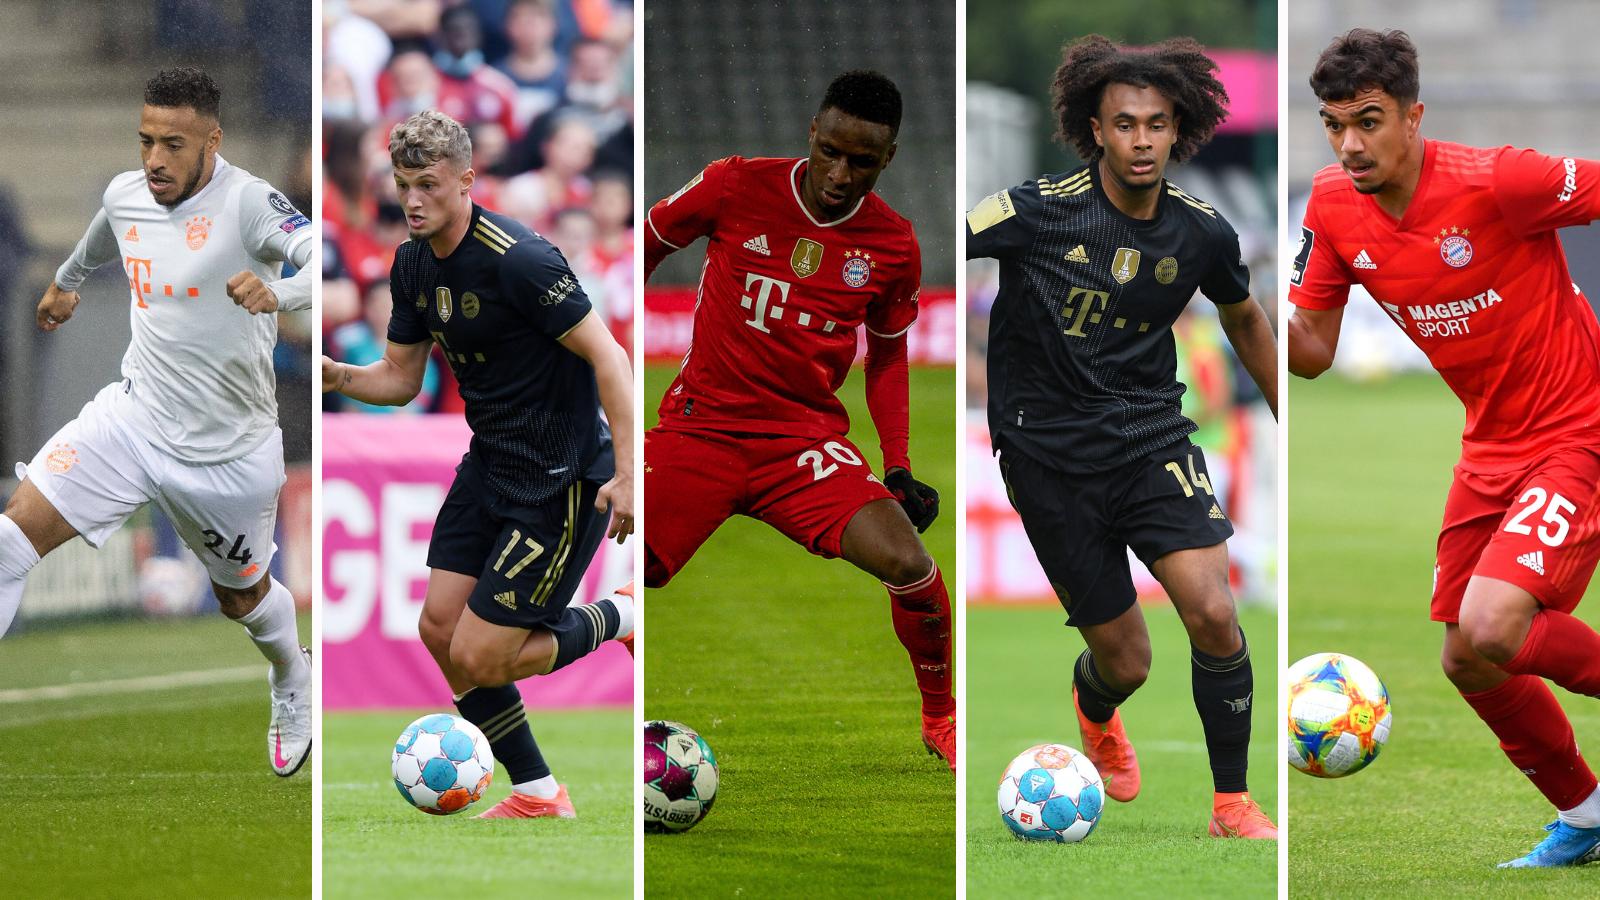 Tolisso, Cuisance, Sarr, Zirkzee y Batista Meier, los favoritos para abandonar el FC Bayern. Fotos: Imago